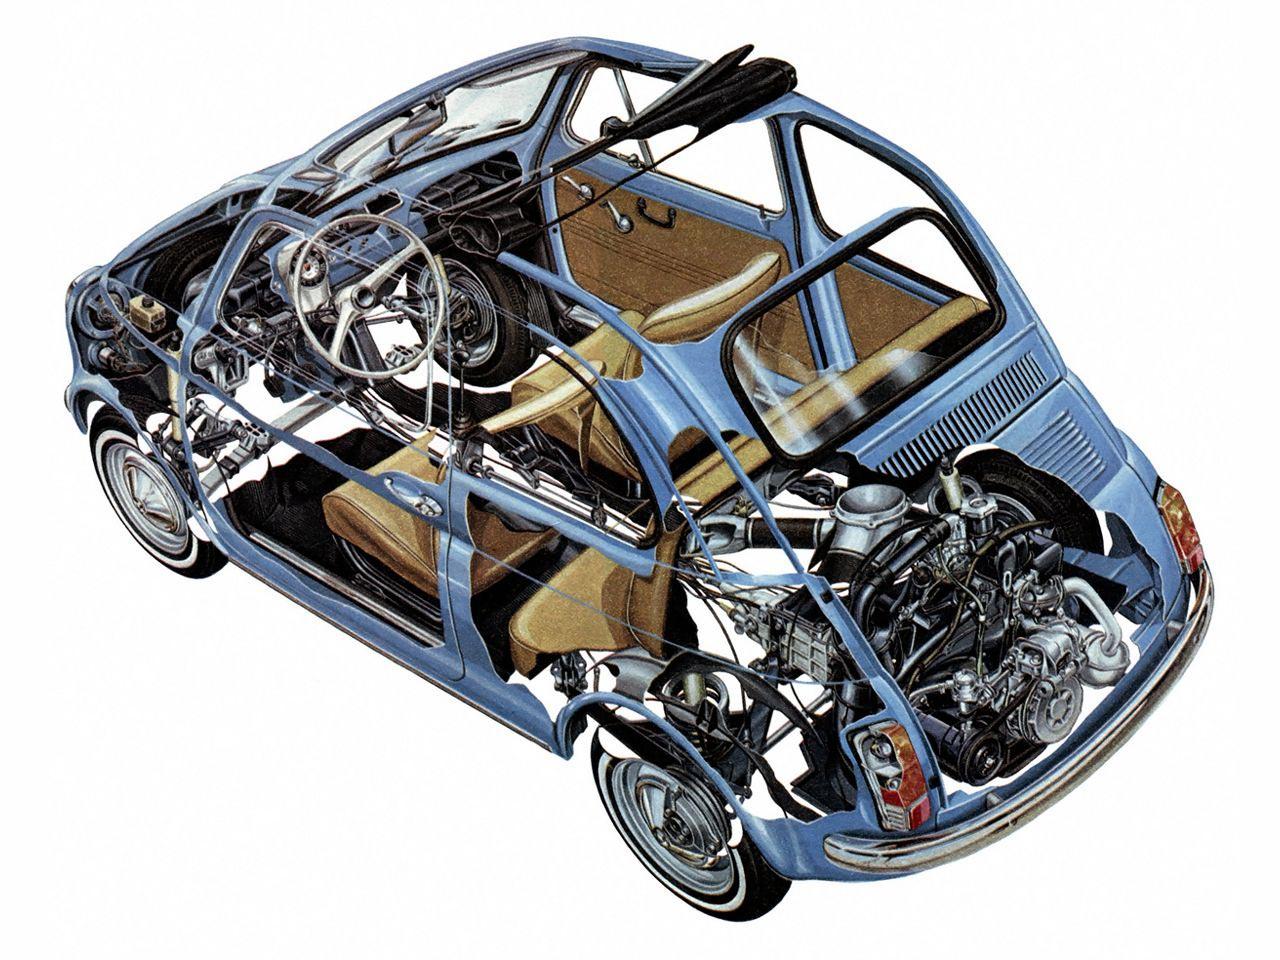 Fiat Nuova 500 cutaway drawing